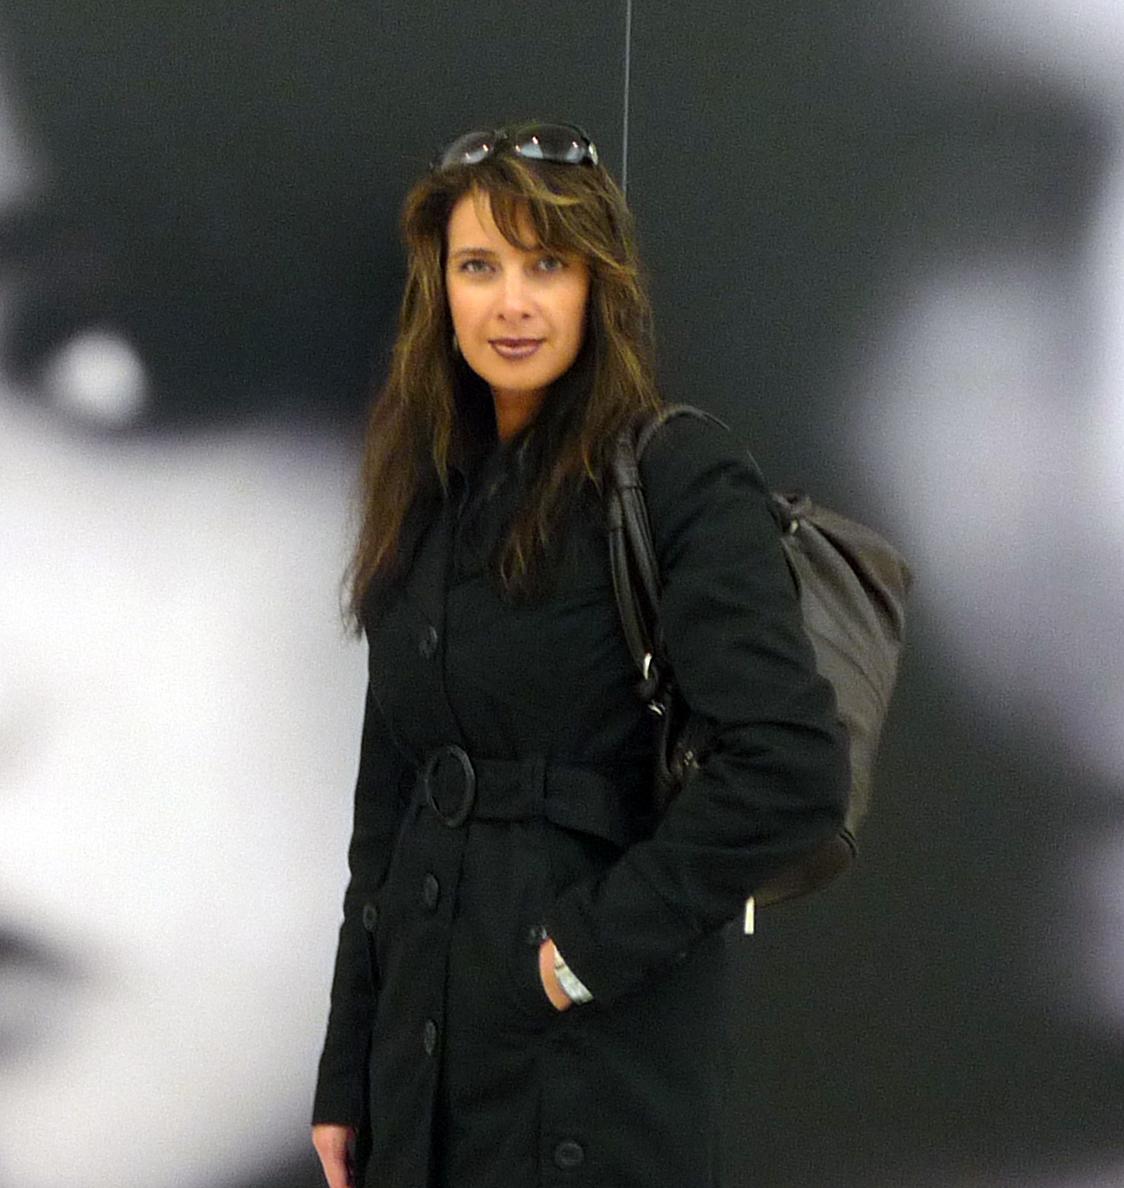 Mira Kallio-Tavin